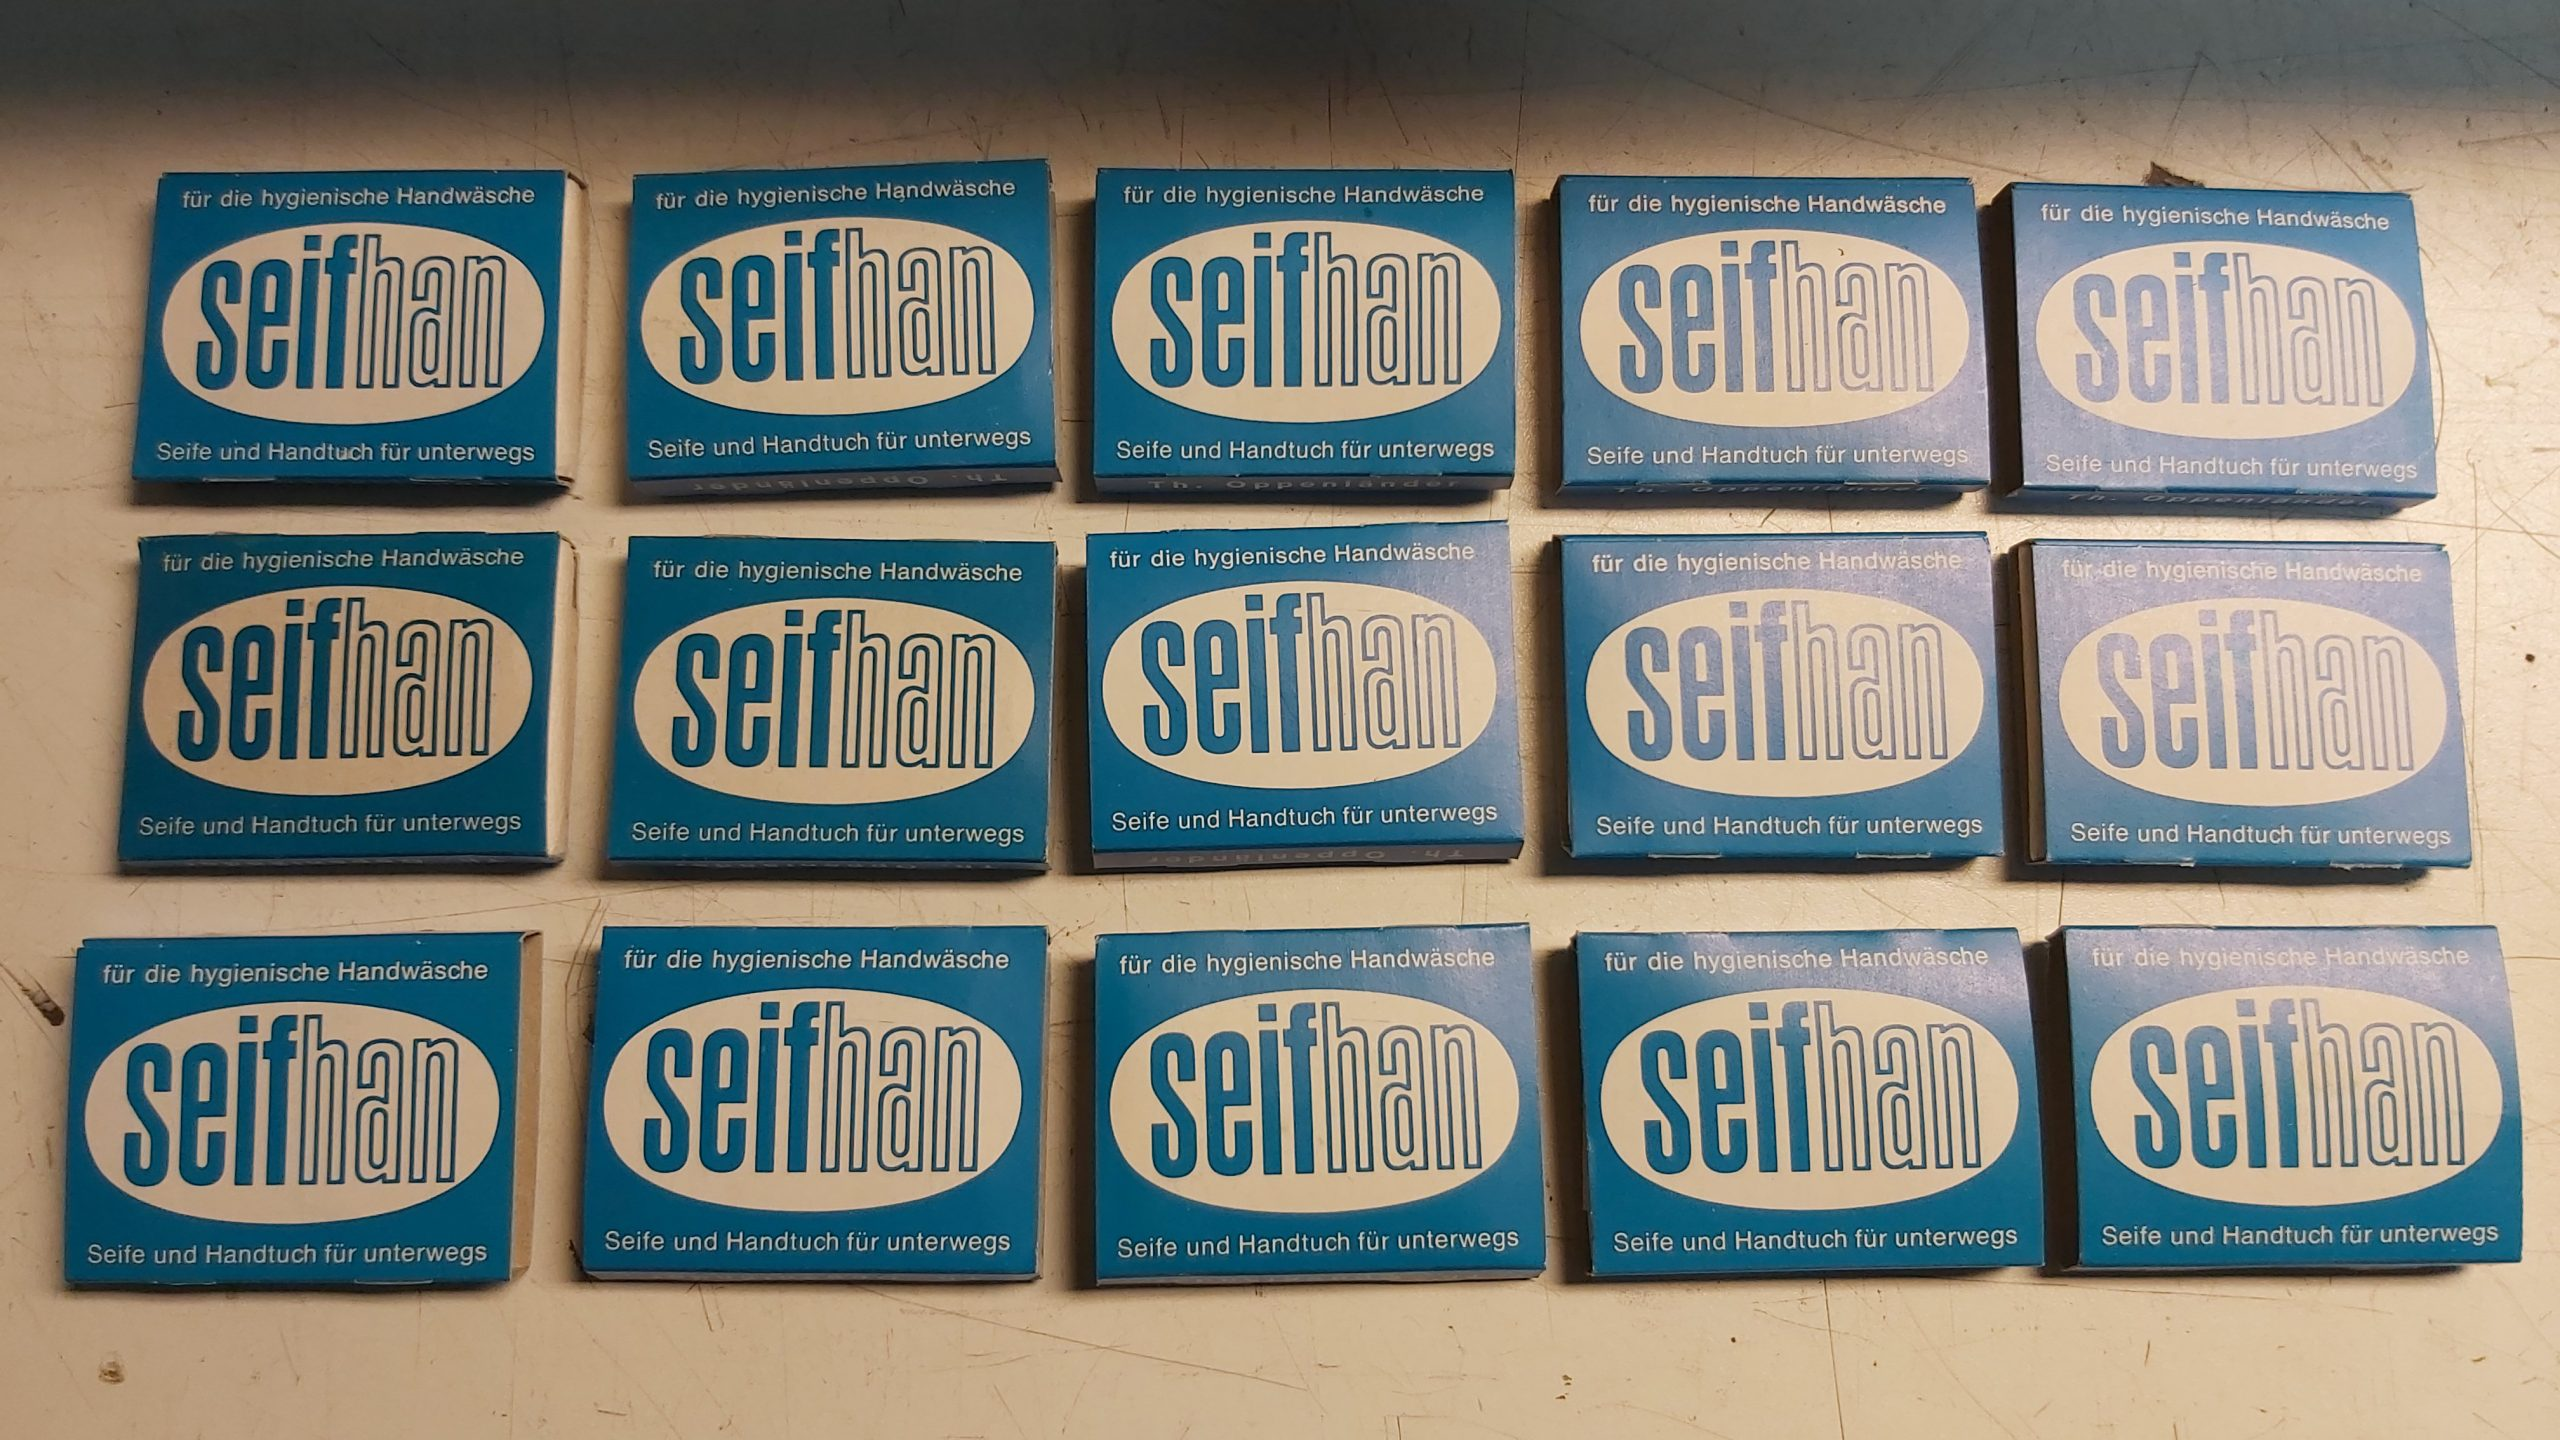 15 x Füllung für Handtuch und Seife Warenautomat Seifhan